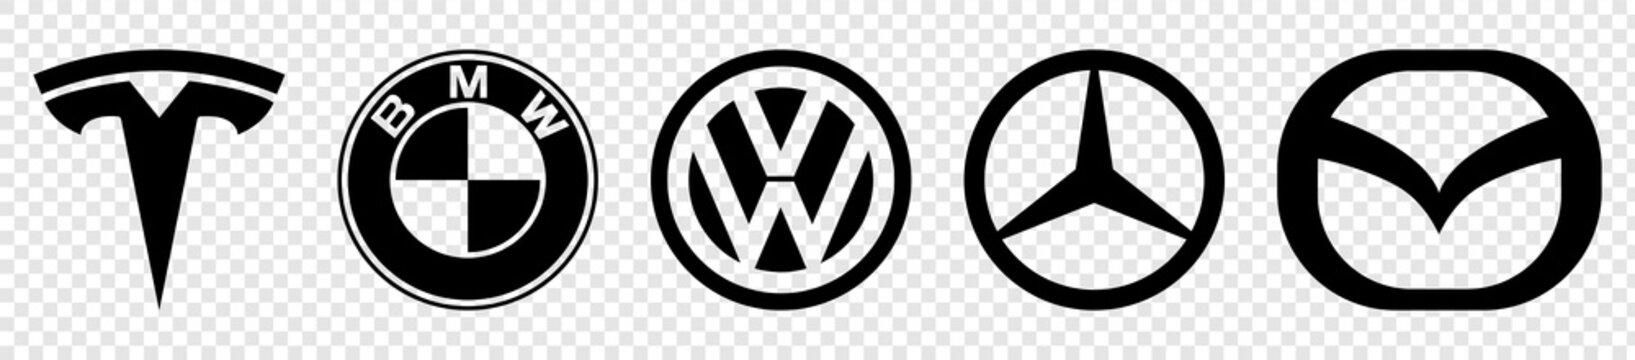 Vinnytsia, Ukraine - April 21, 2021: Logo of cars brand set. Black logo of popular brands of cars. Tesla, bmw, volkswagen, mercedes, mazda. Vector illustration isolated on transparent background